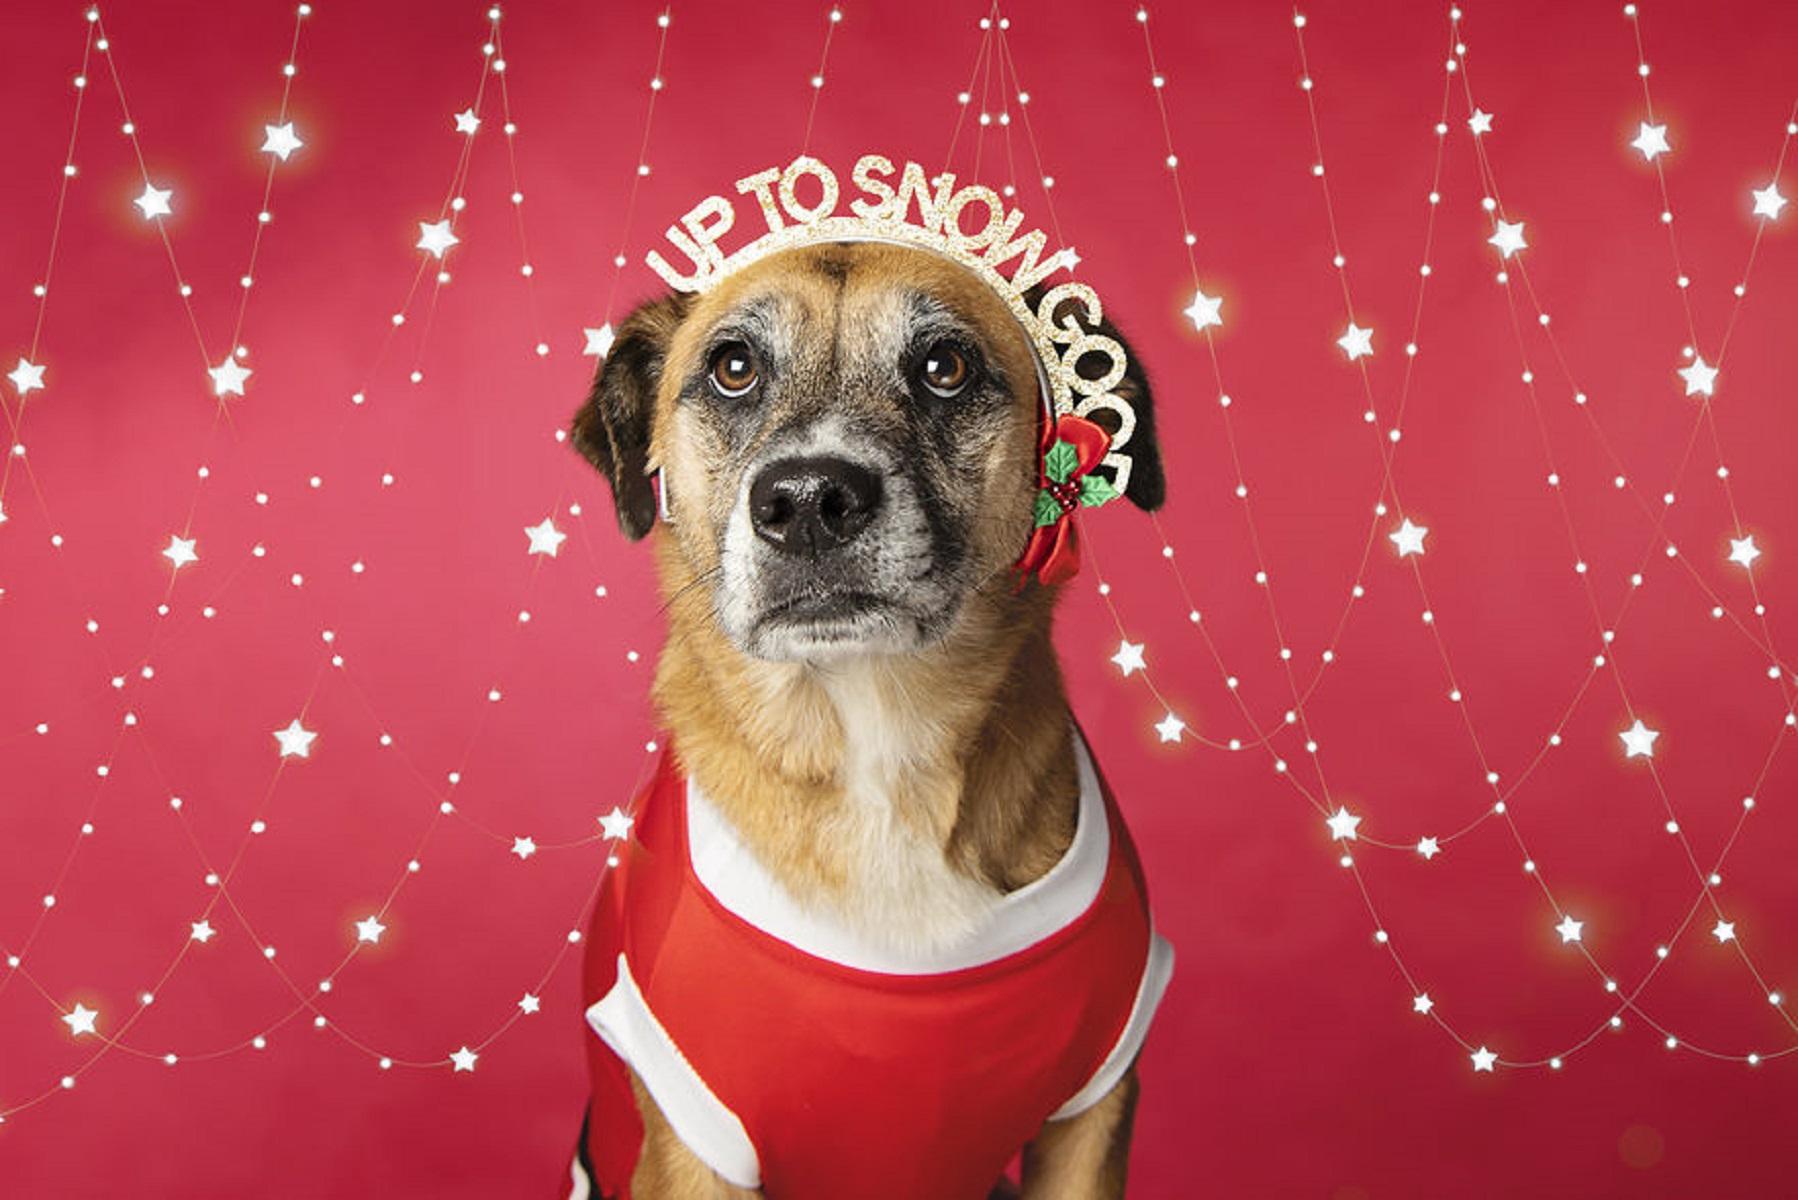 12 caes do Natal essa sessao de fotos natalinas vai te ajudar a entrar no espirito natalino 2